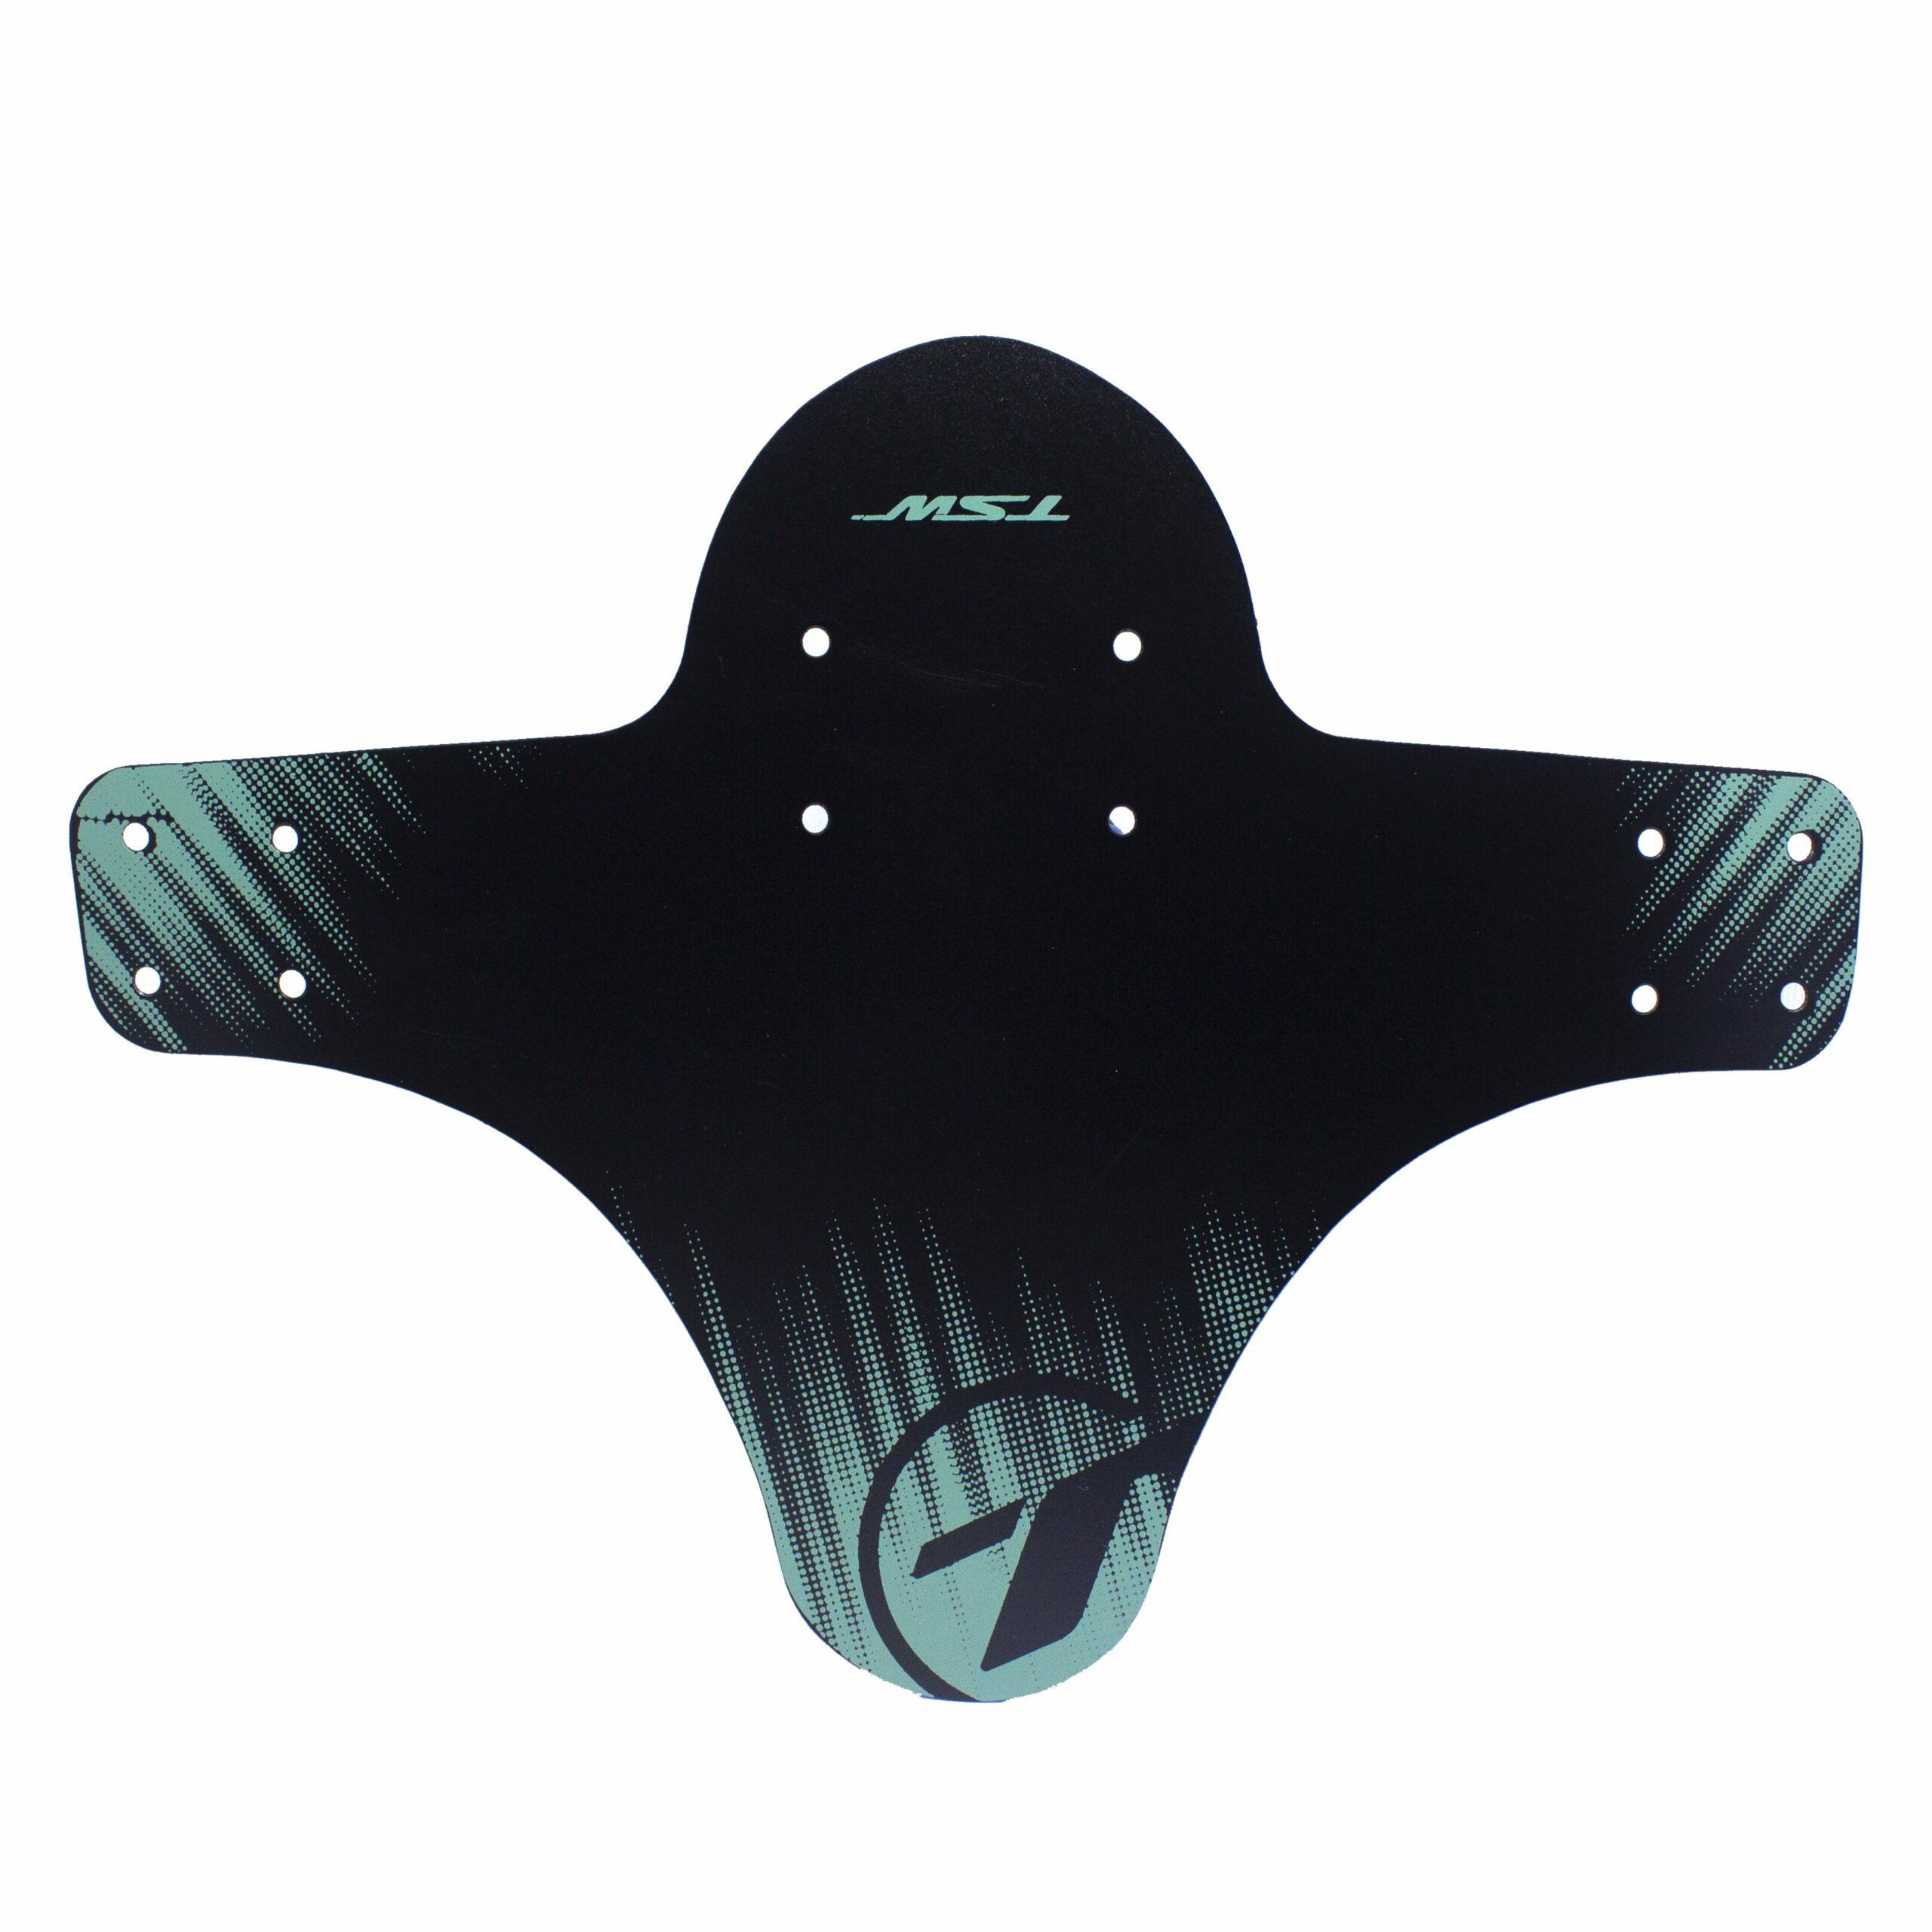 Paralama dianteiro Nylon MTB TSW Modelo 09 3